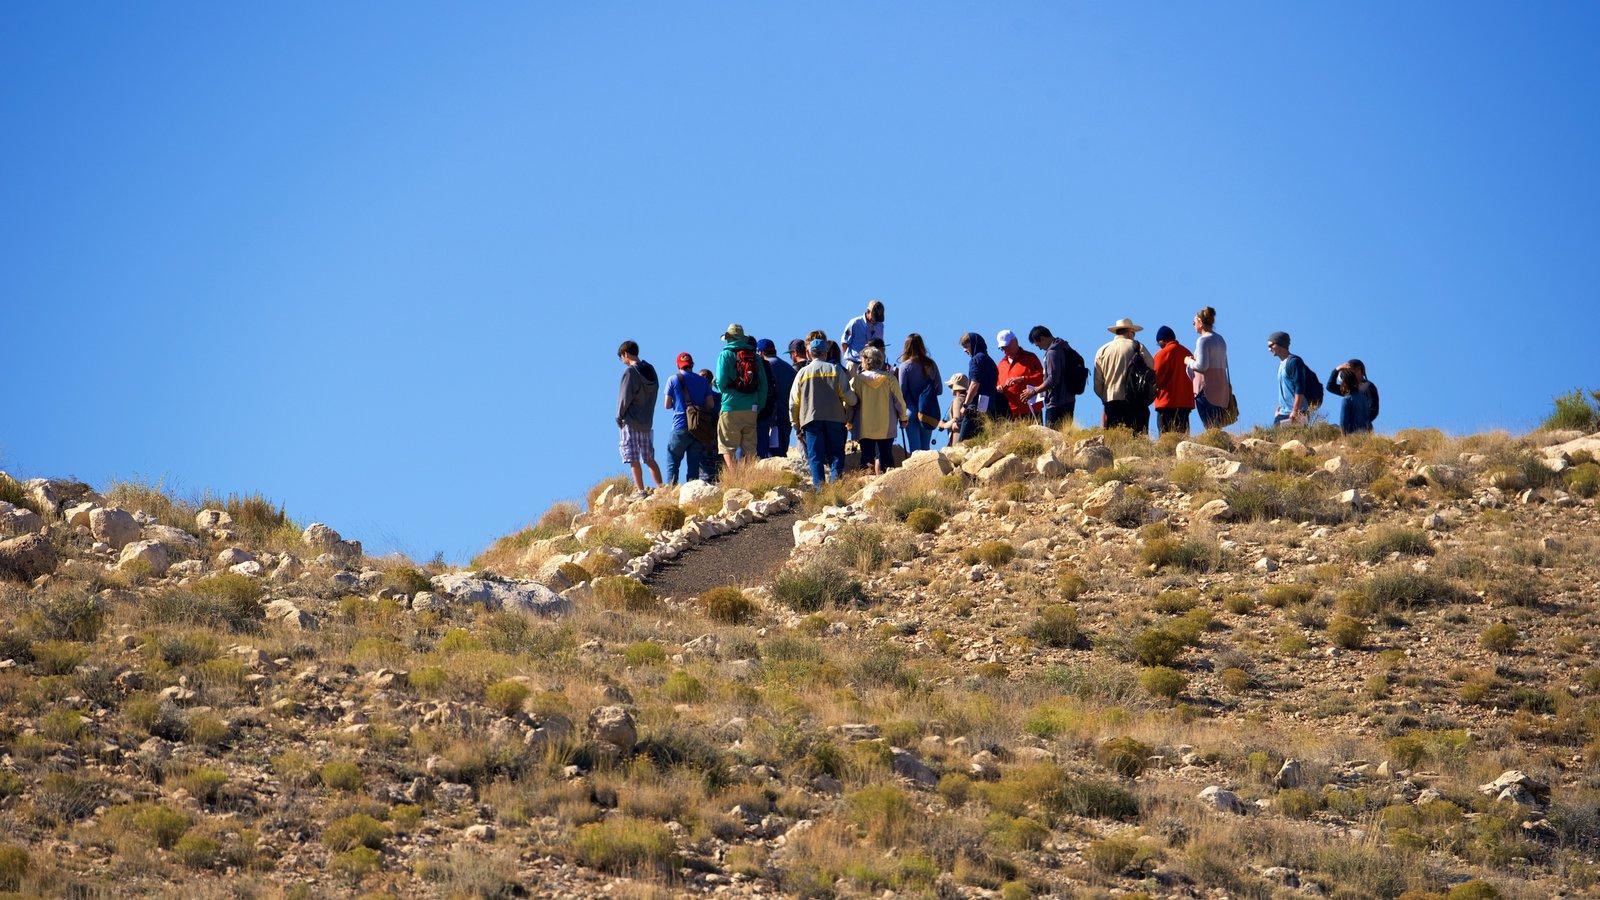 Meteor Crater mostrando cenas tranquilas e paisagens do deserto assim como um pequeno grupo de pessoas